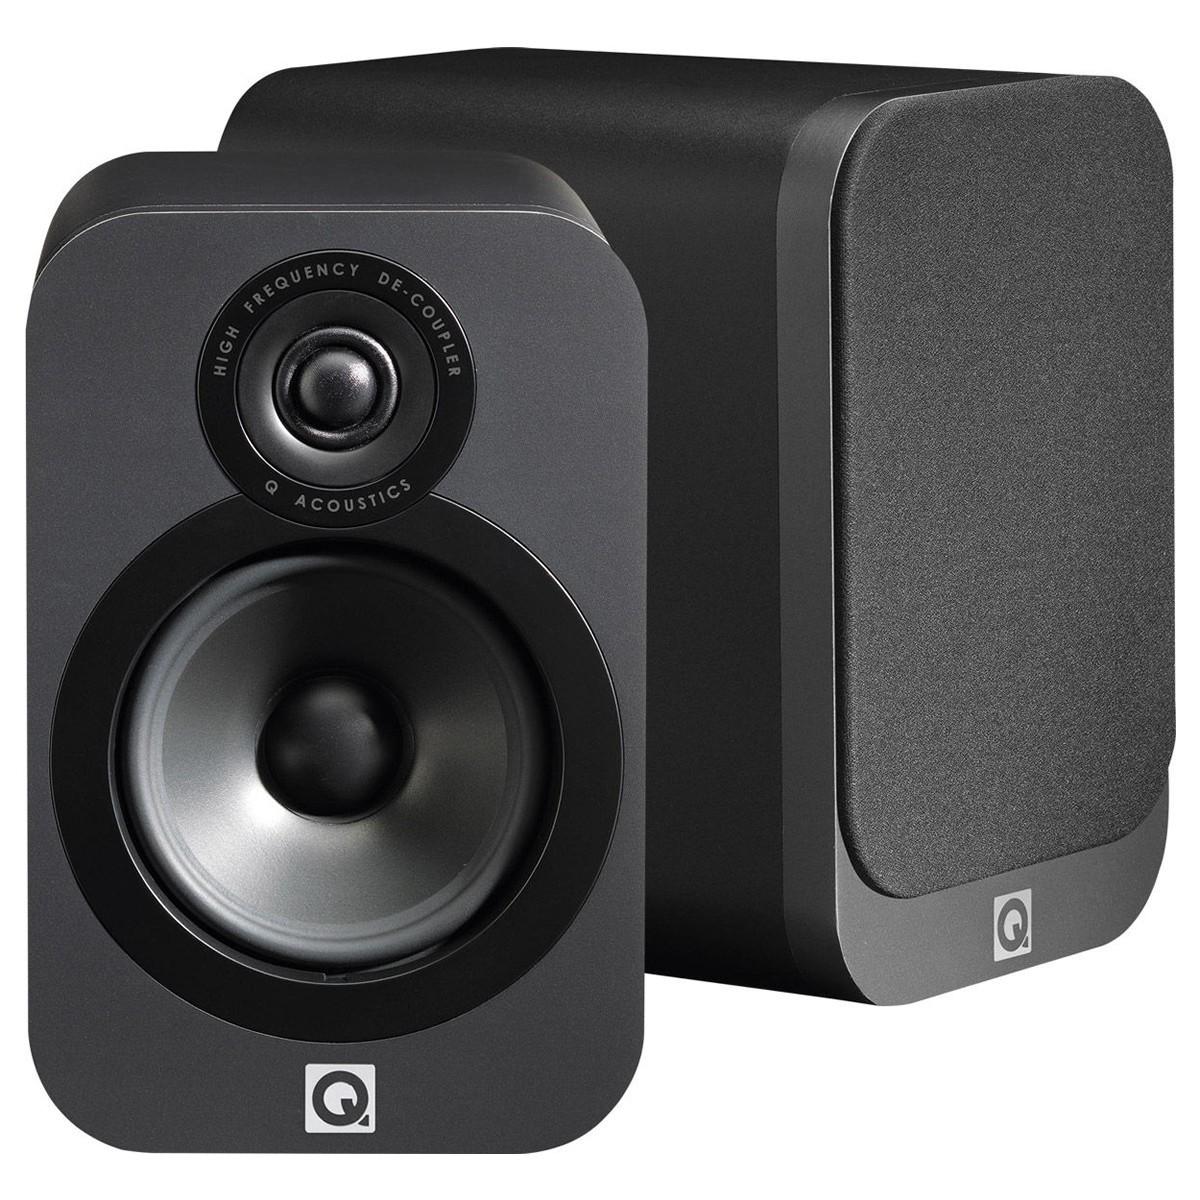 Q acoustics 3020 Bookshelf Speakers Graphite Black (pair)